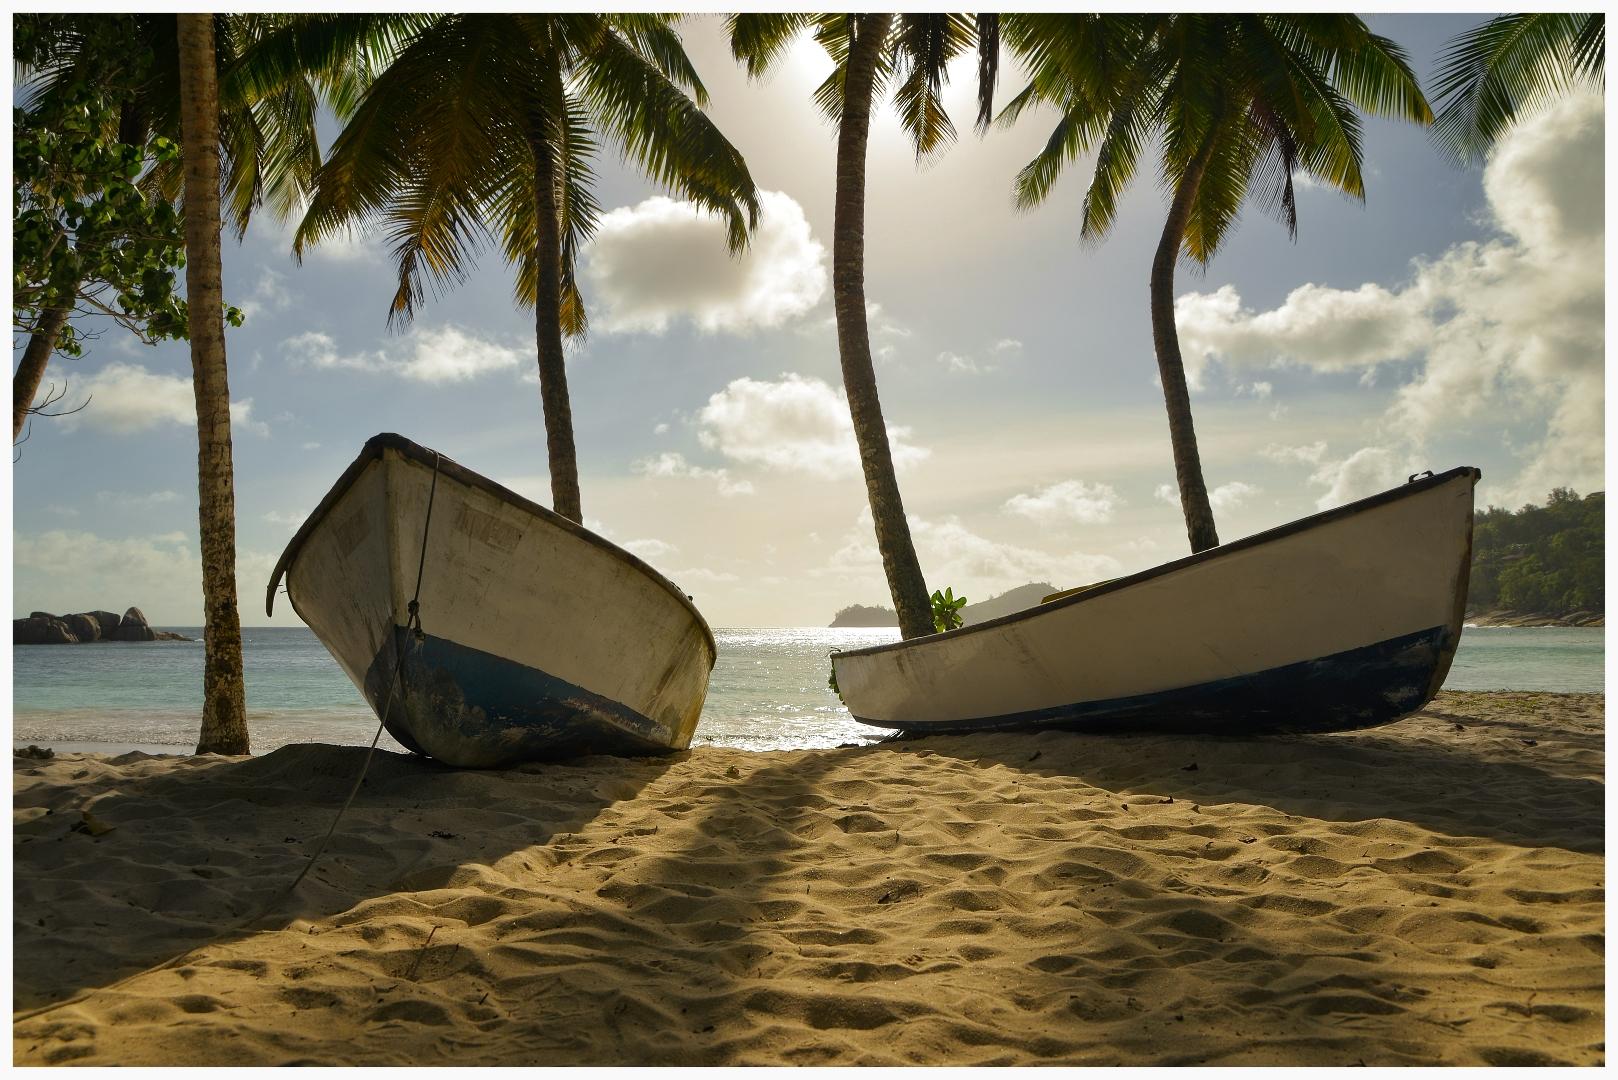 Urlaubsbild